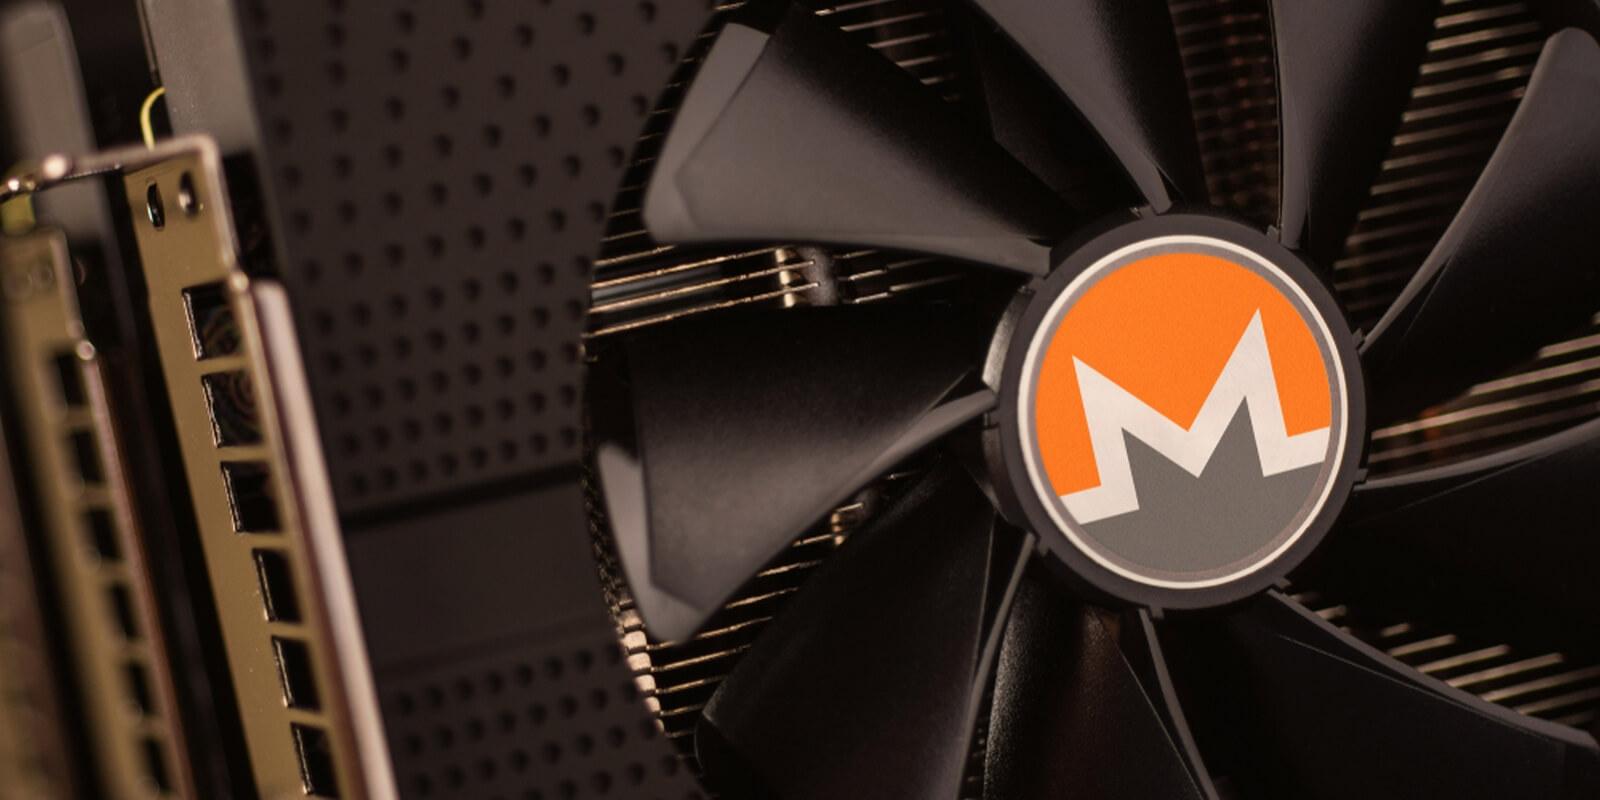 Des milliers d'entreprises infectées par un malware permettant de miner du Monero